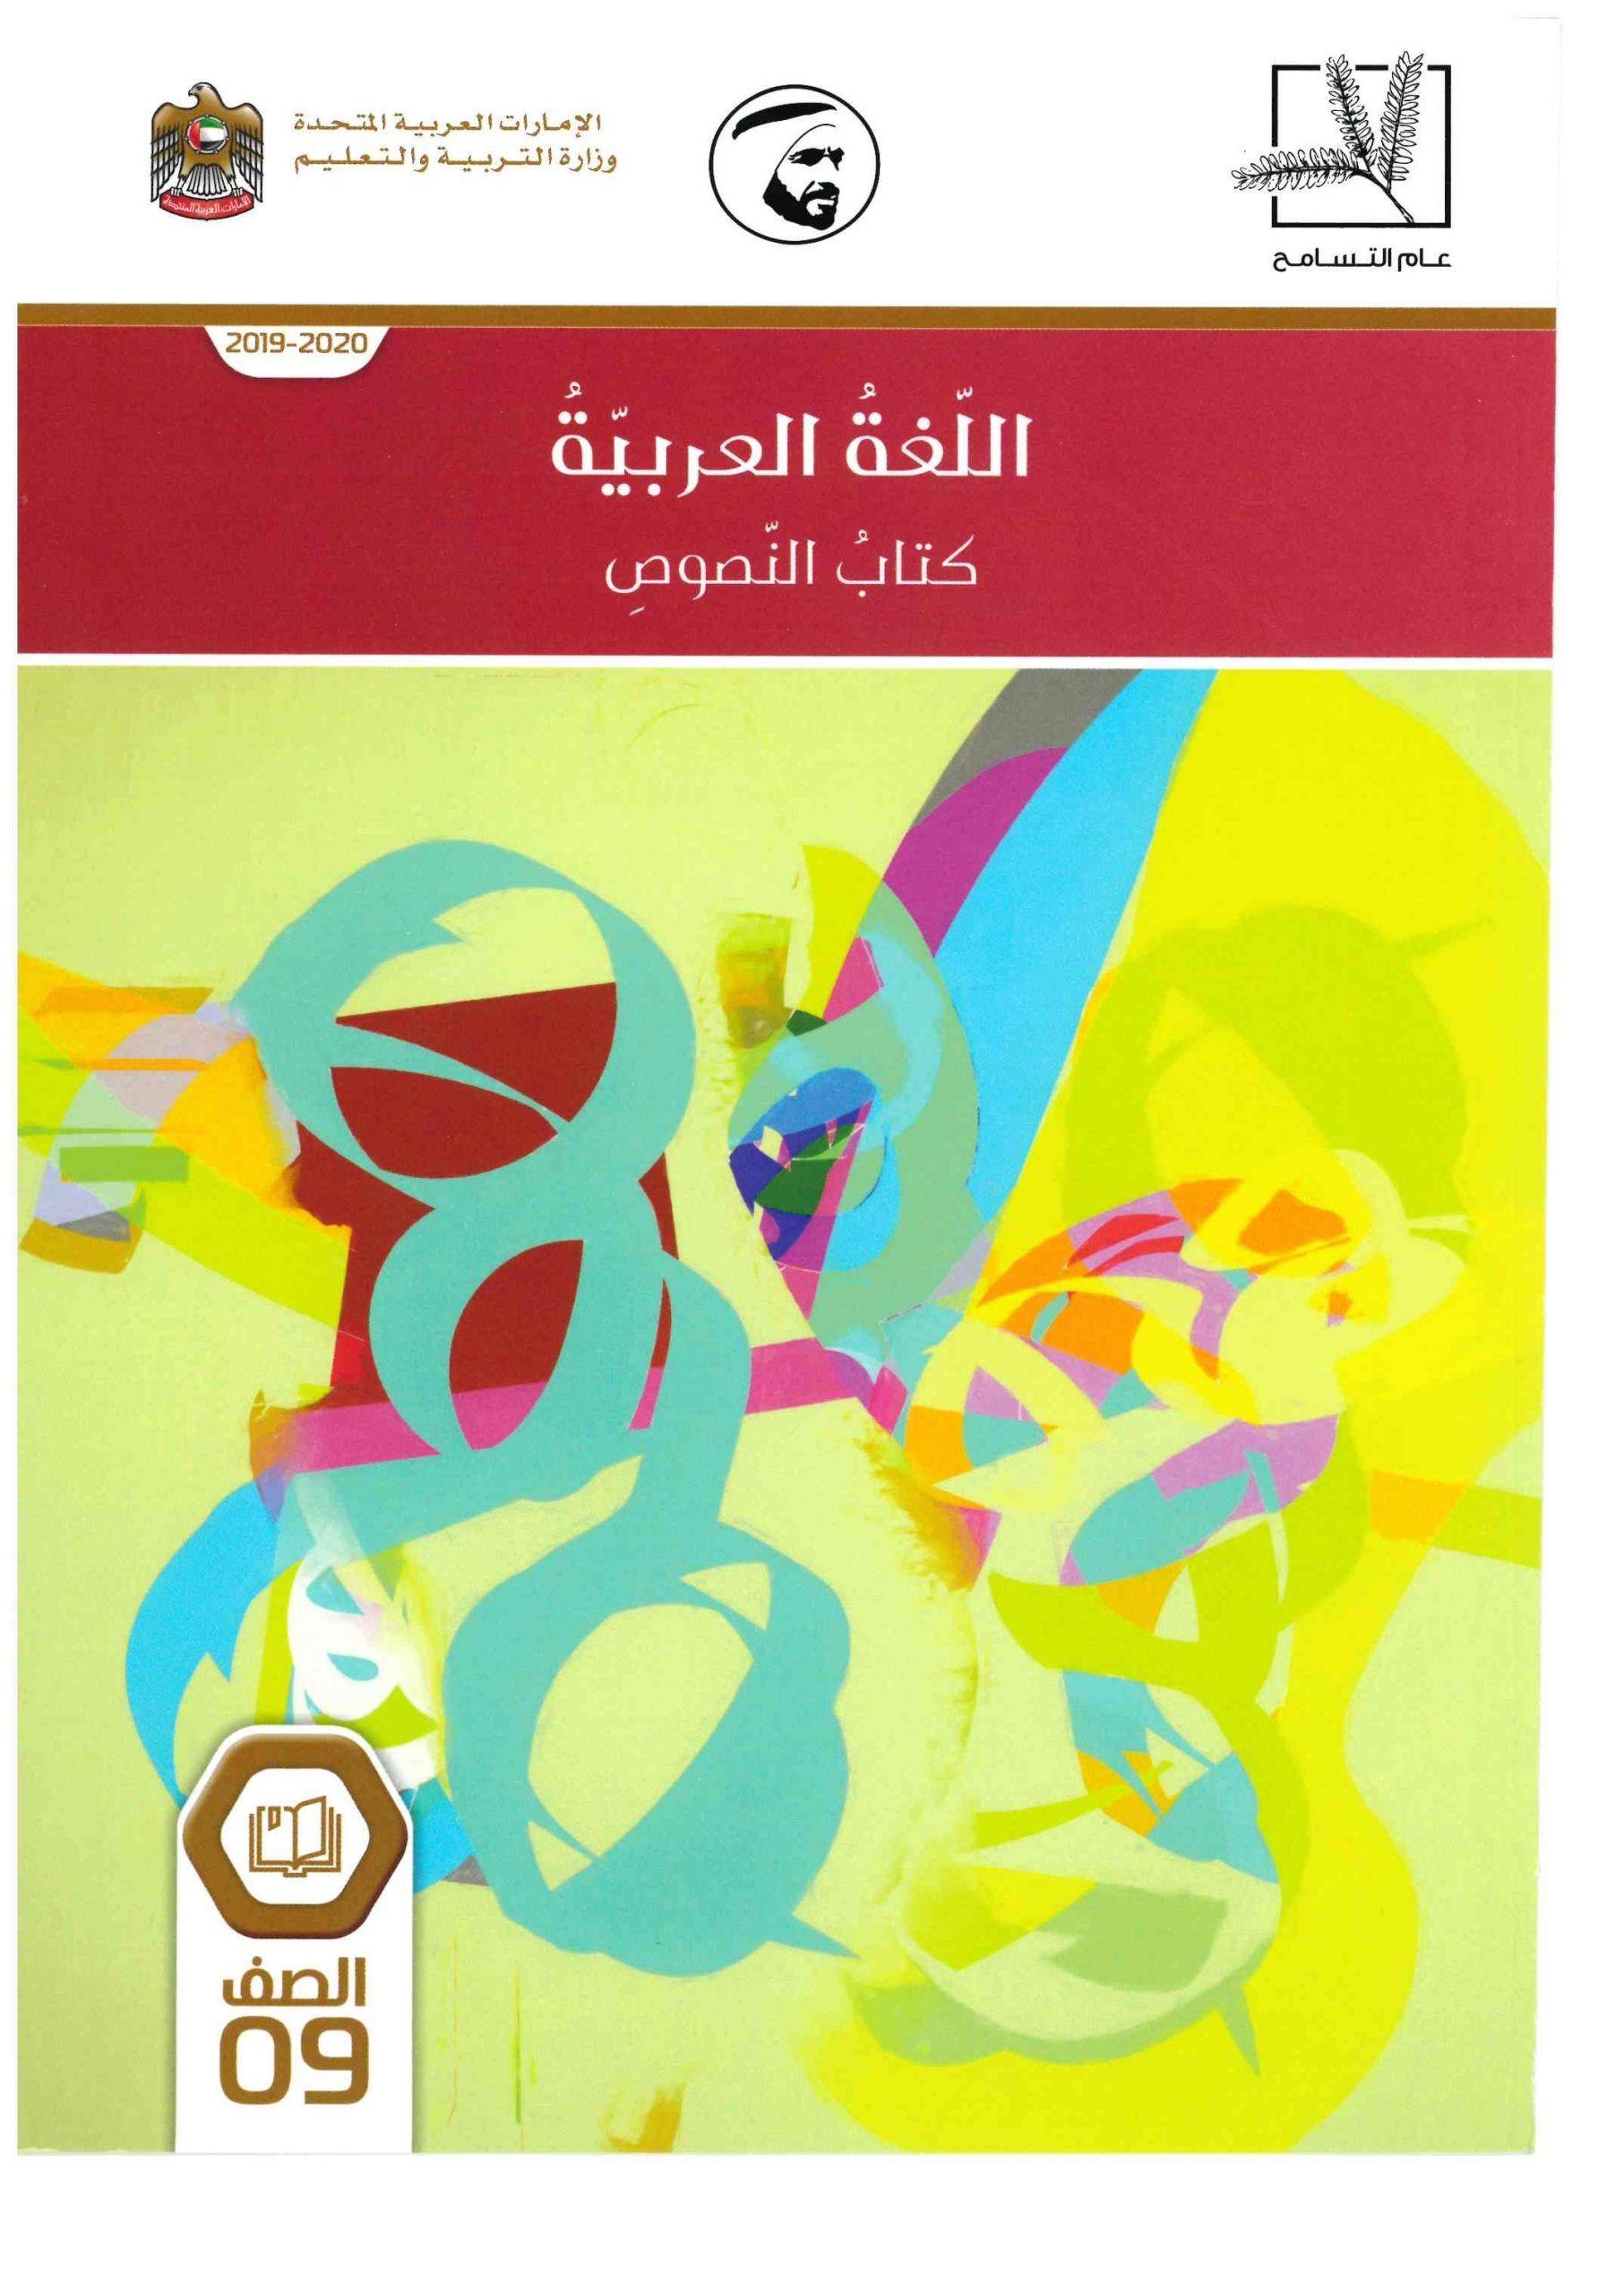 كتاب النصوص 2019 2020 للصف التاسع مادة اللغة العربية Movie Posters Movies Poster